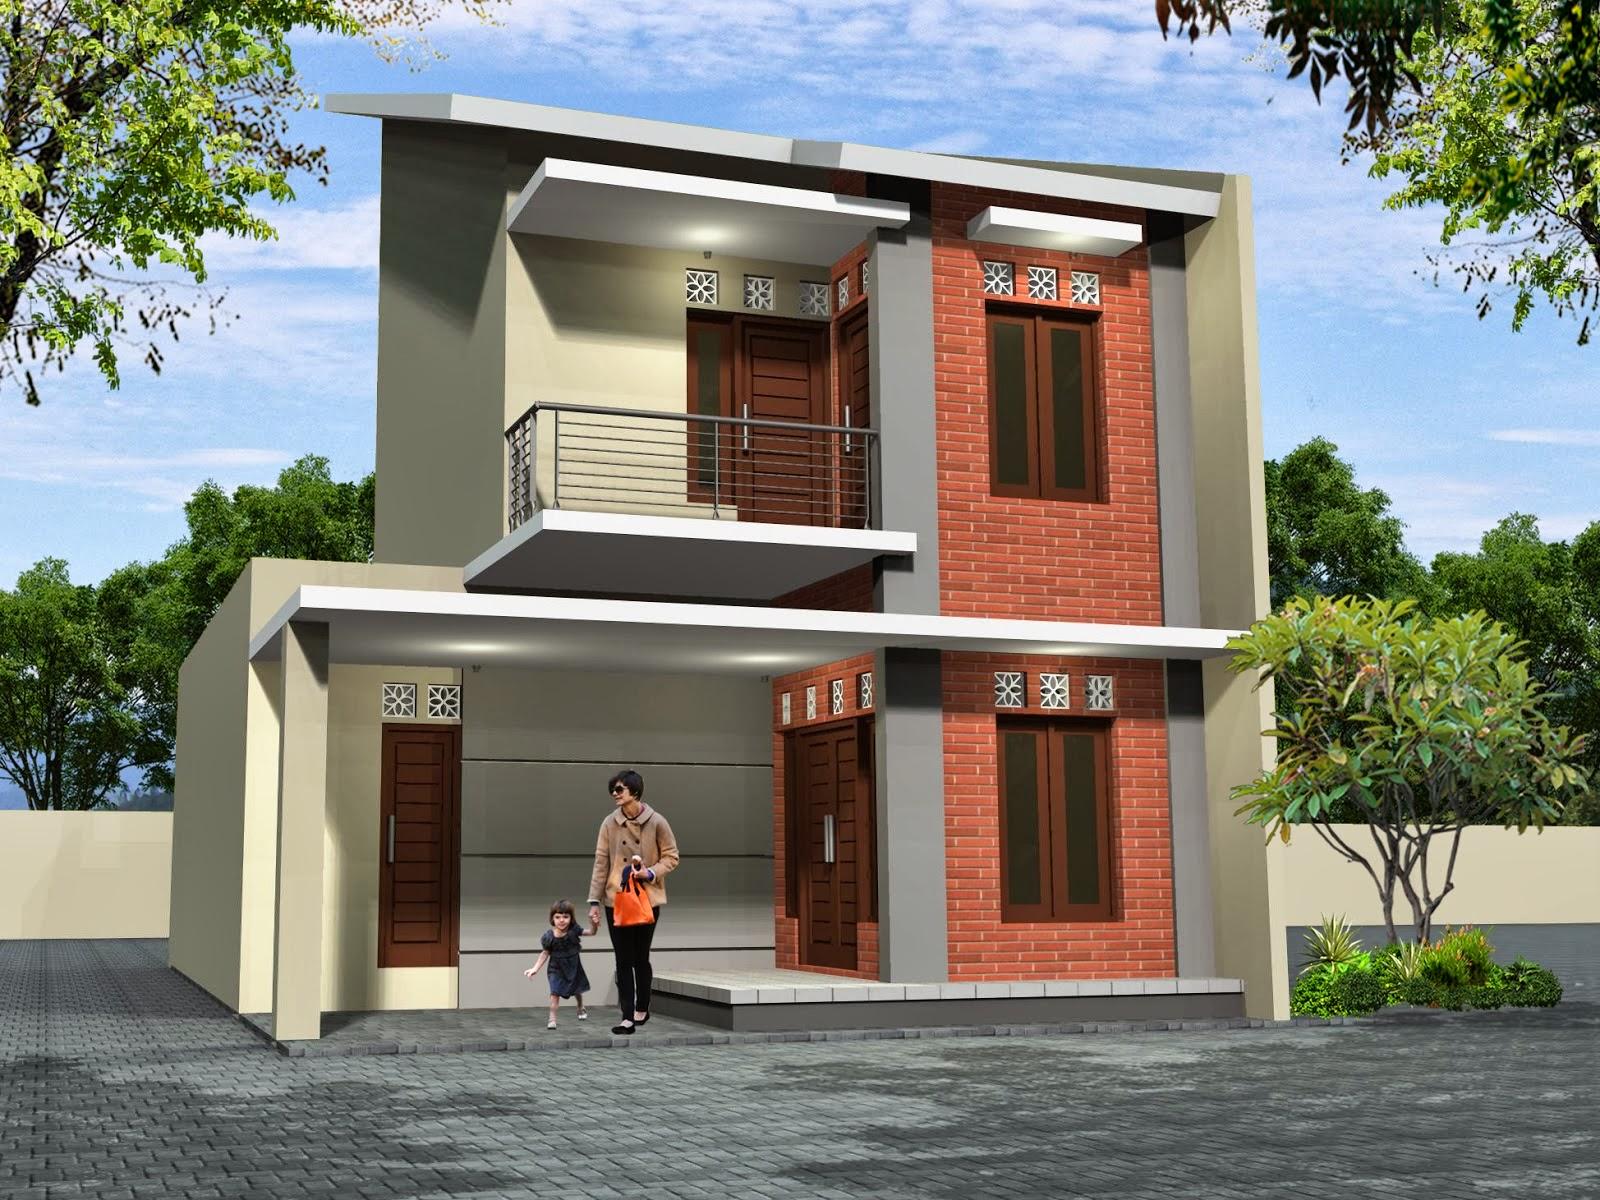 Desain Rumah Minimalis Atap Miring 2 Sisi Cek Bahan Bangunan